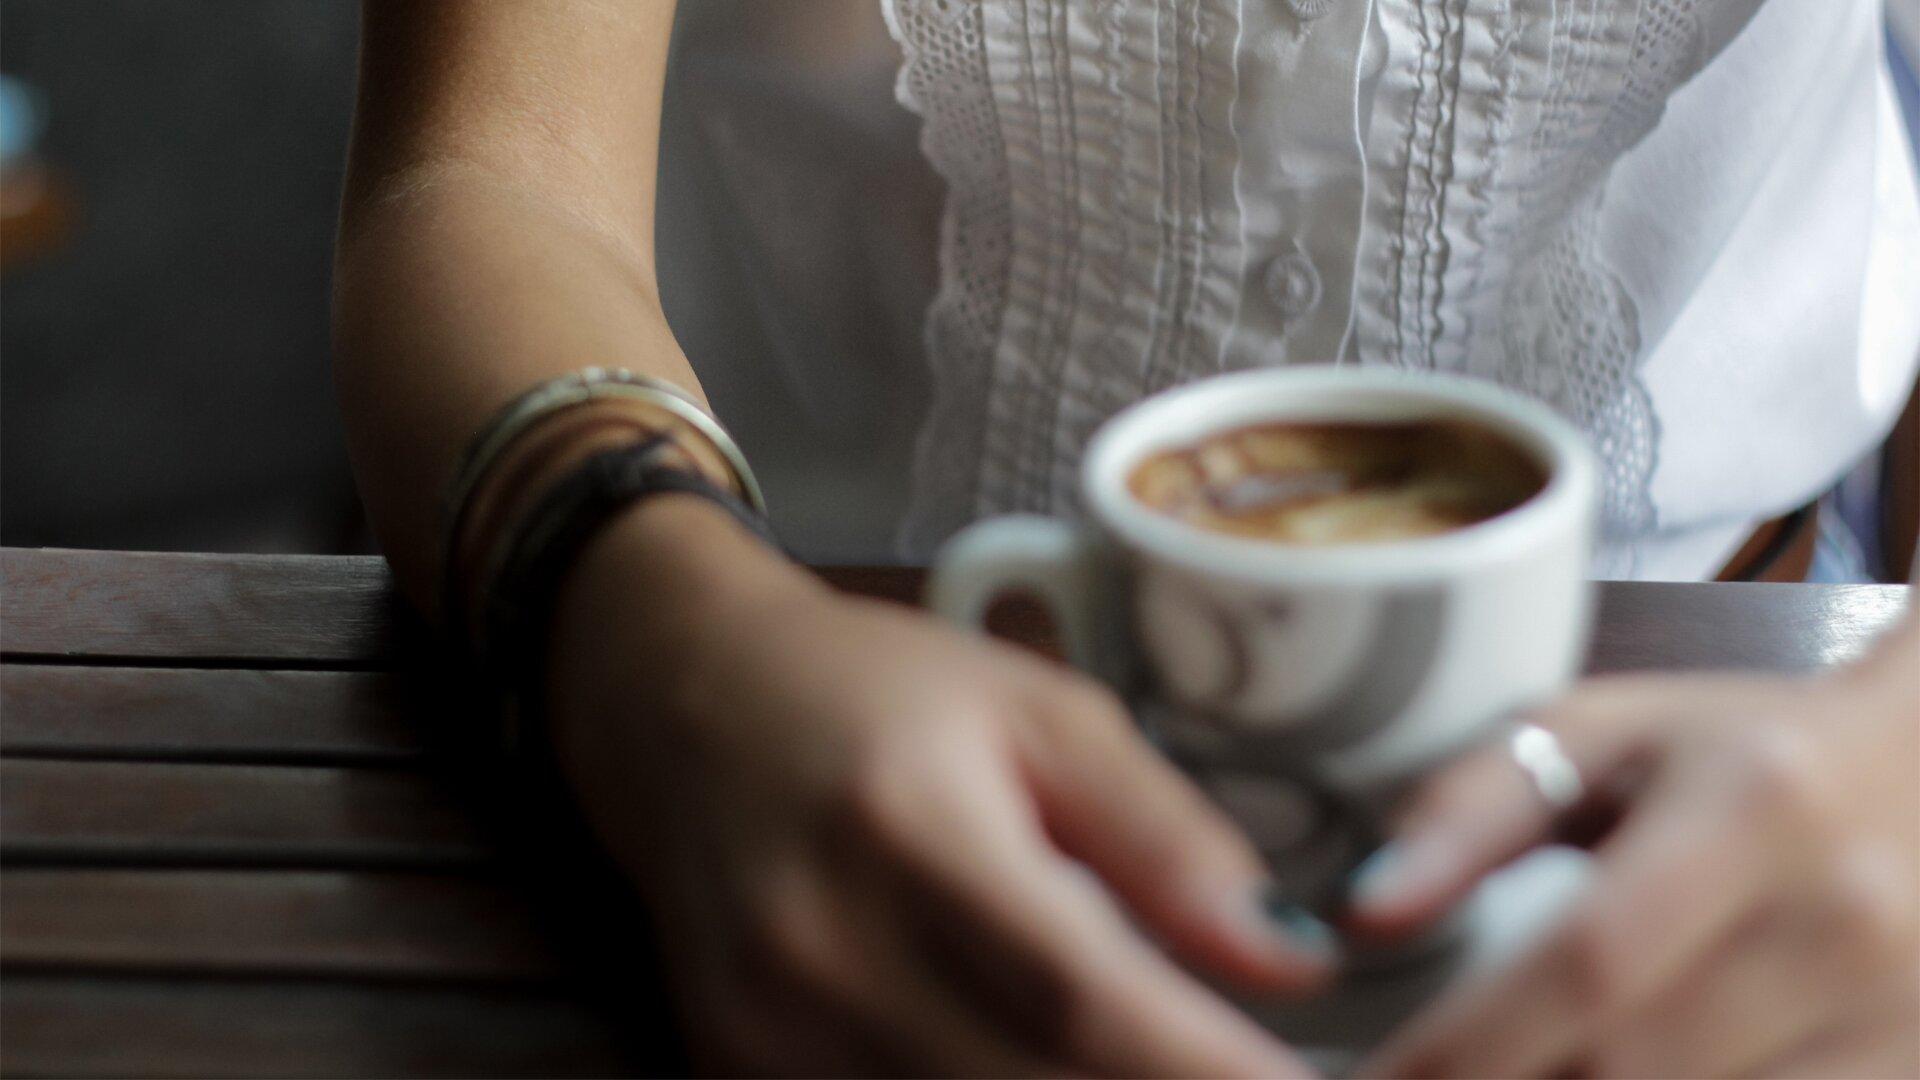 Zdjęcie przedstawia siedzącą przy stole kobietę wbiałej bluzce. Widoczny jest fragment torsu ispoczywające na stole ręce. Na stole przed siedzącą kobietą stoi filiżanka zkawą.